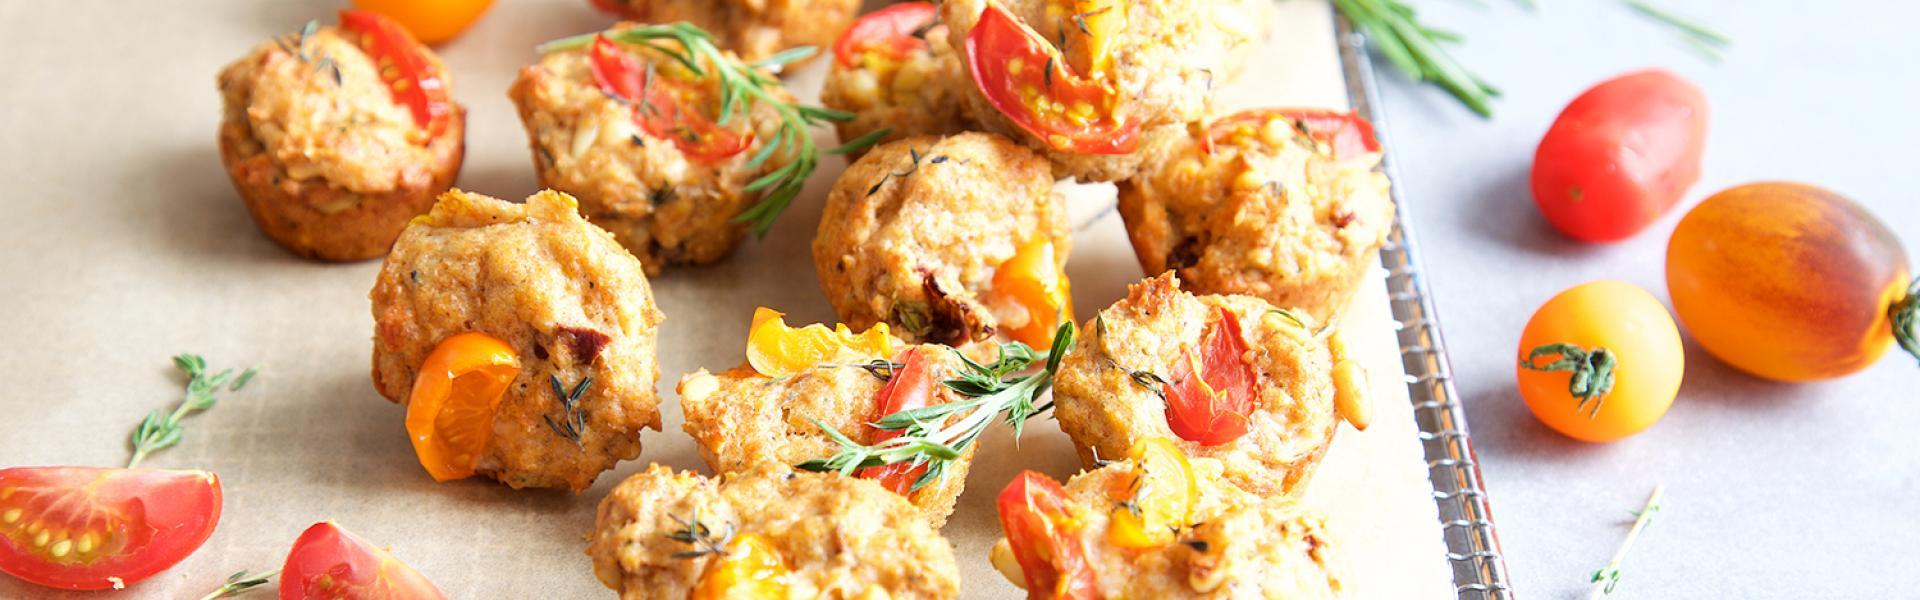 Mehrere Mini-Muffins mit Tomaten auf einem Backblech.